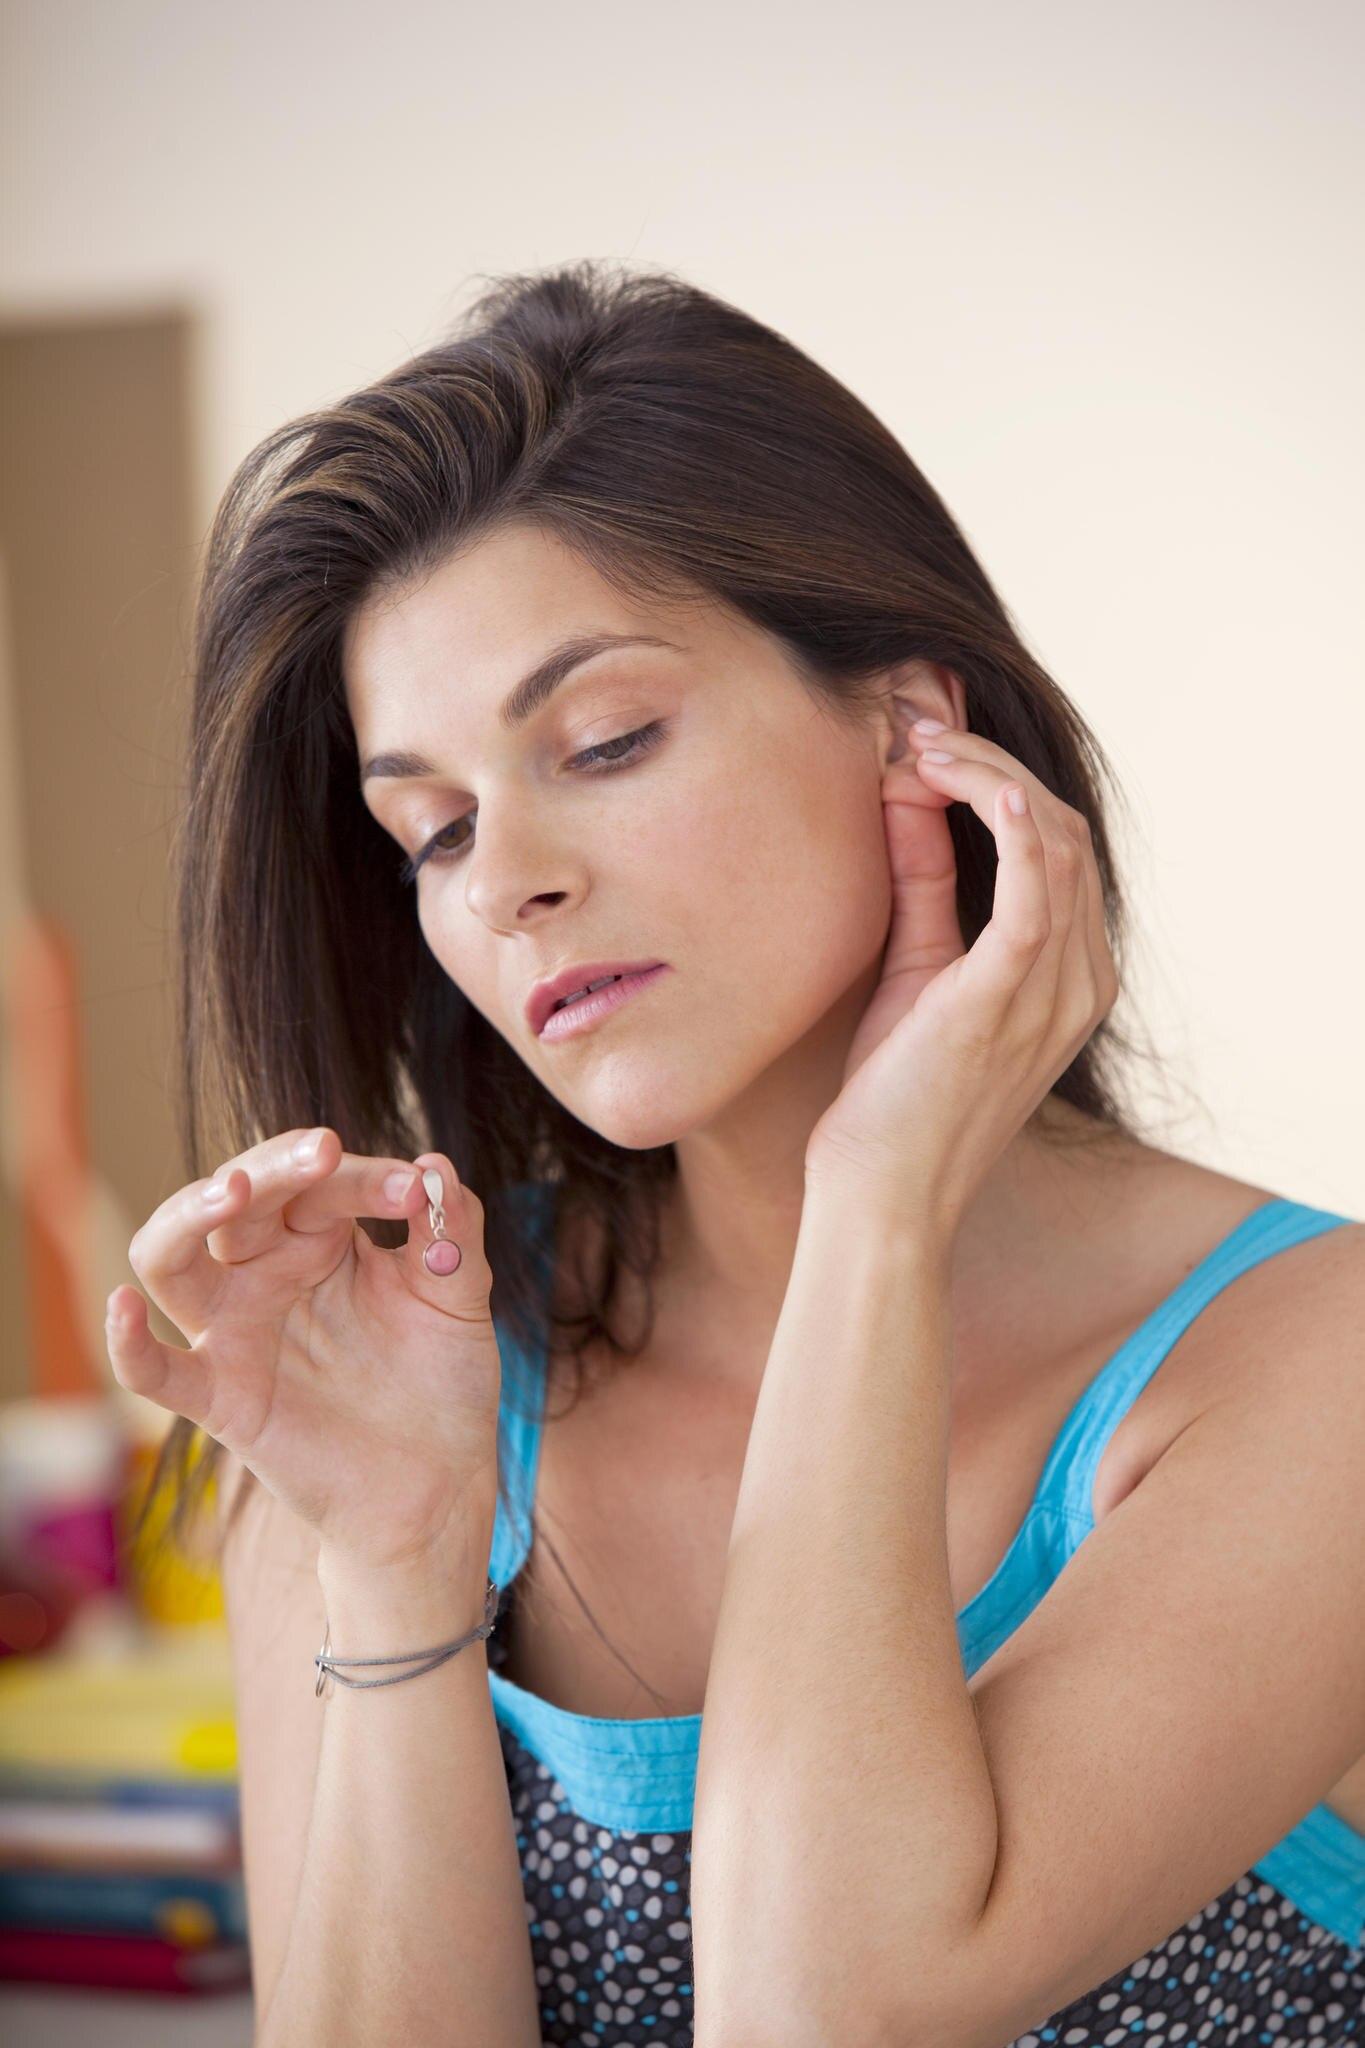 Eine Kontaktallergie wird häufig durch Modeschmuck mit Nickel darin ausgelöst.